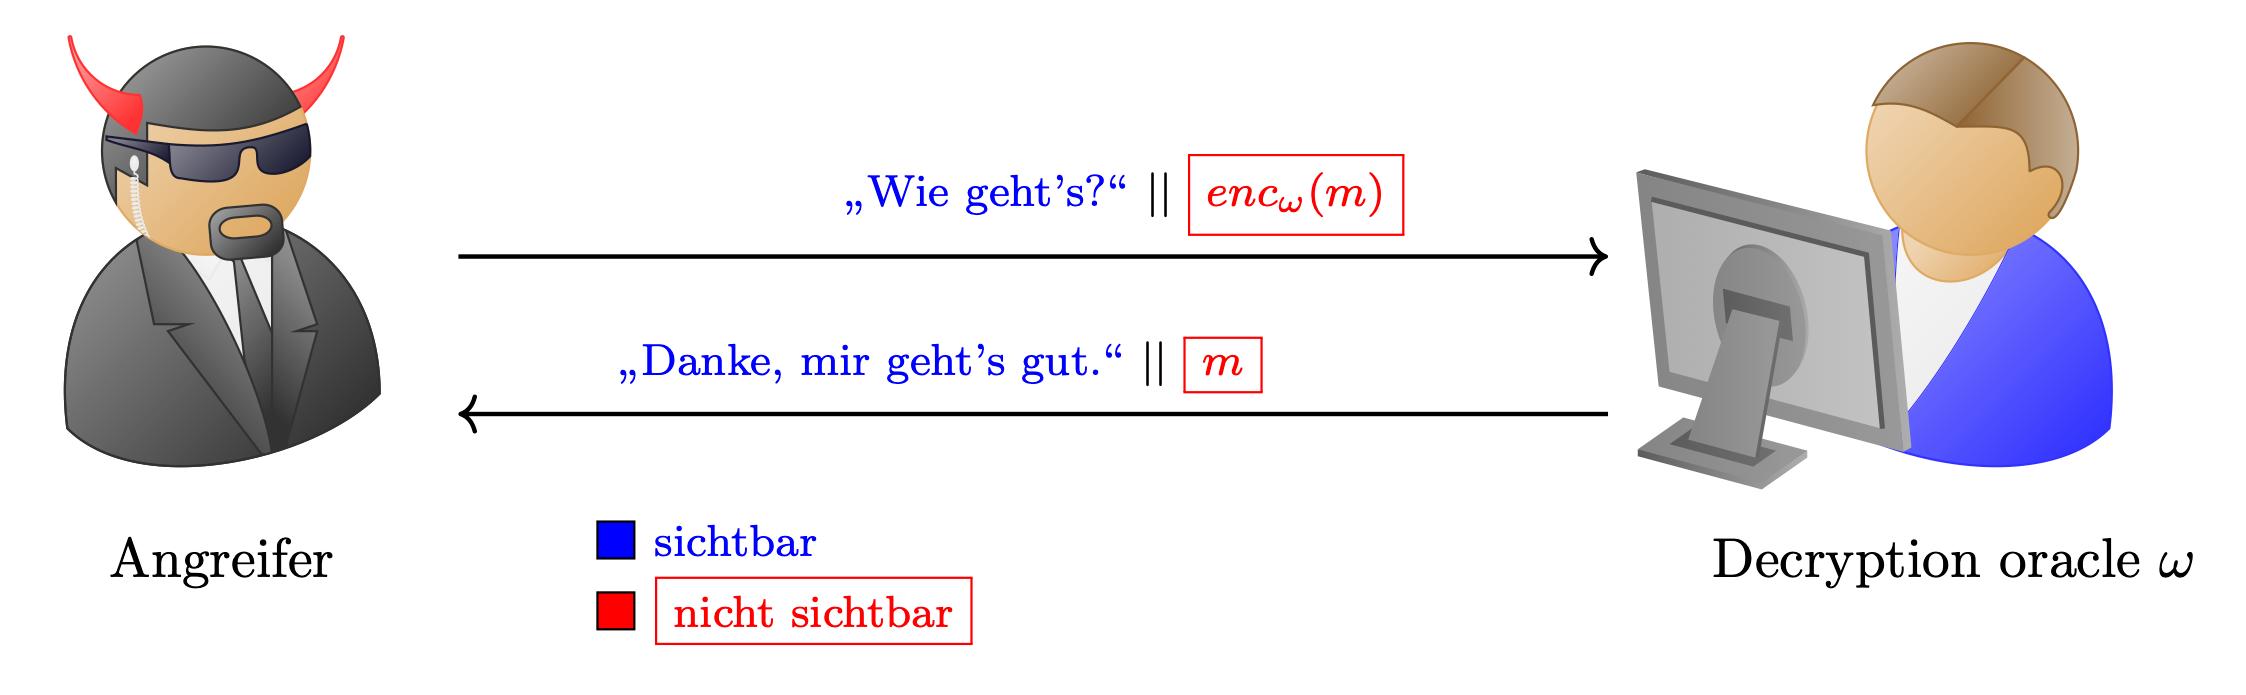 Schematische Darstellung Decryption Oracle